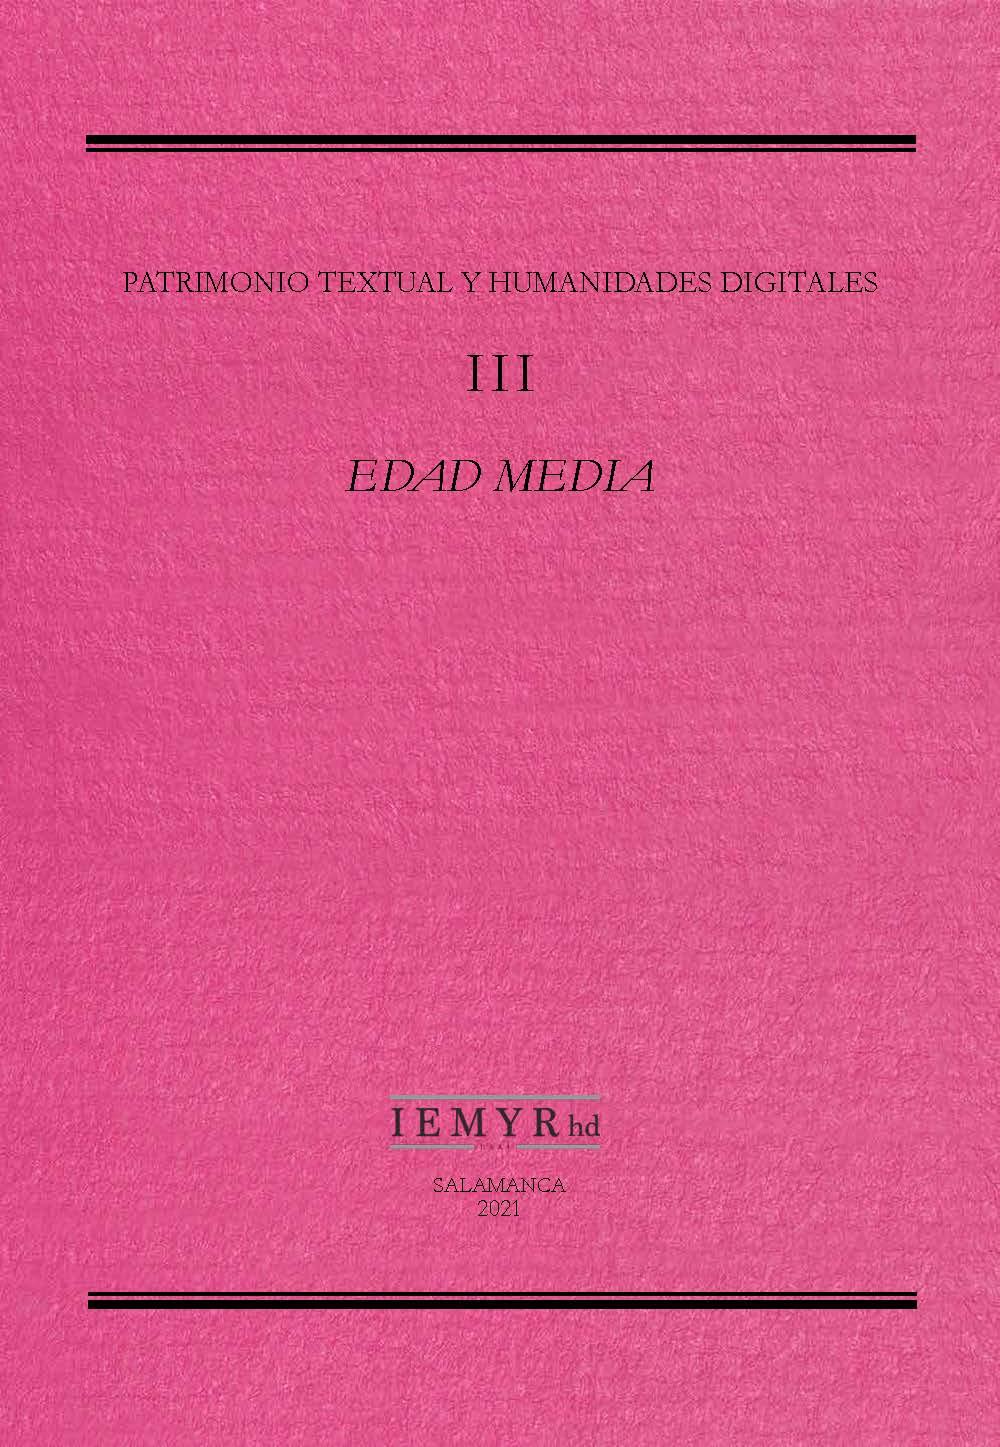 III. Patrimonio textual y humanidades digitales. Edad Media